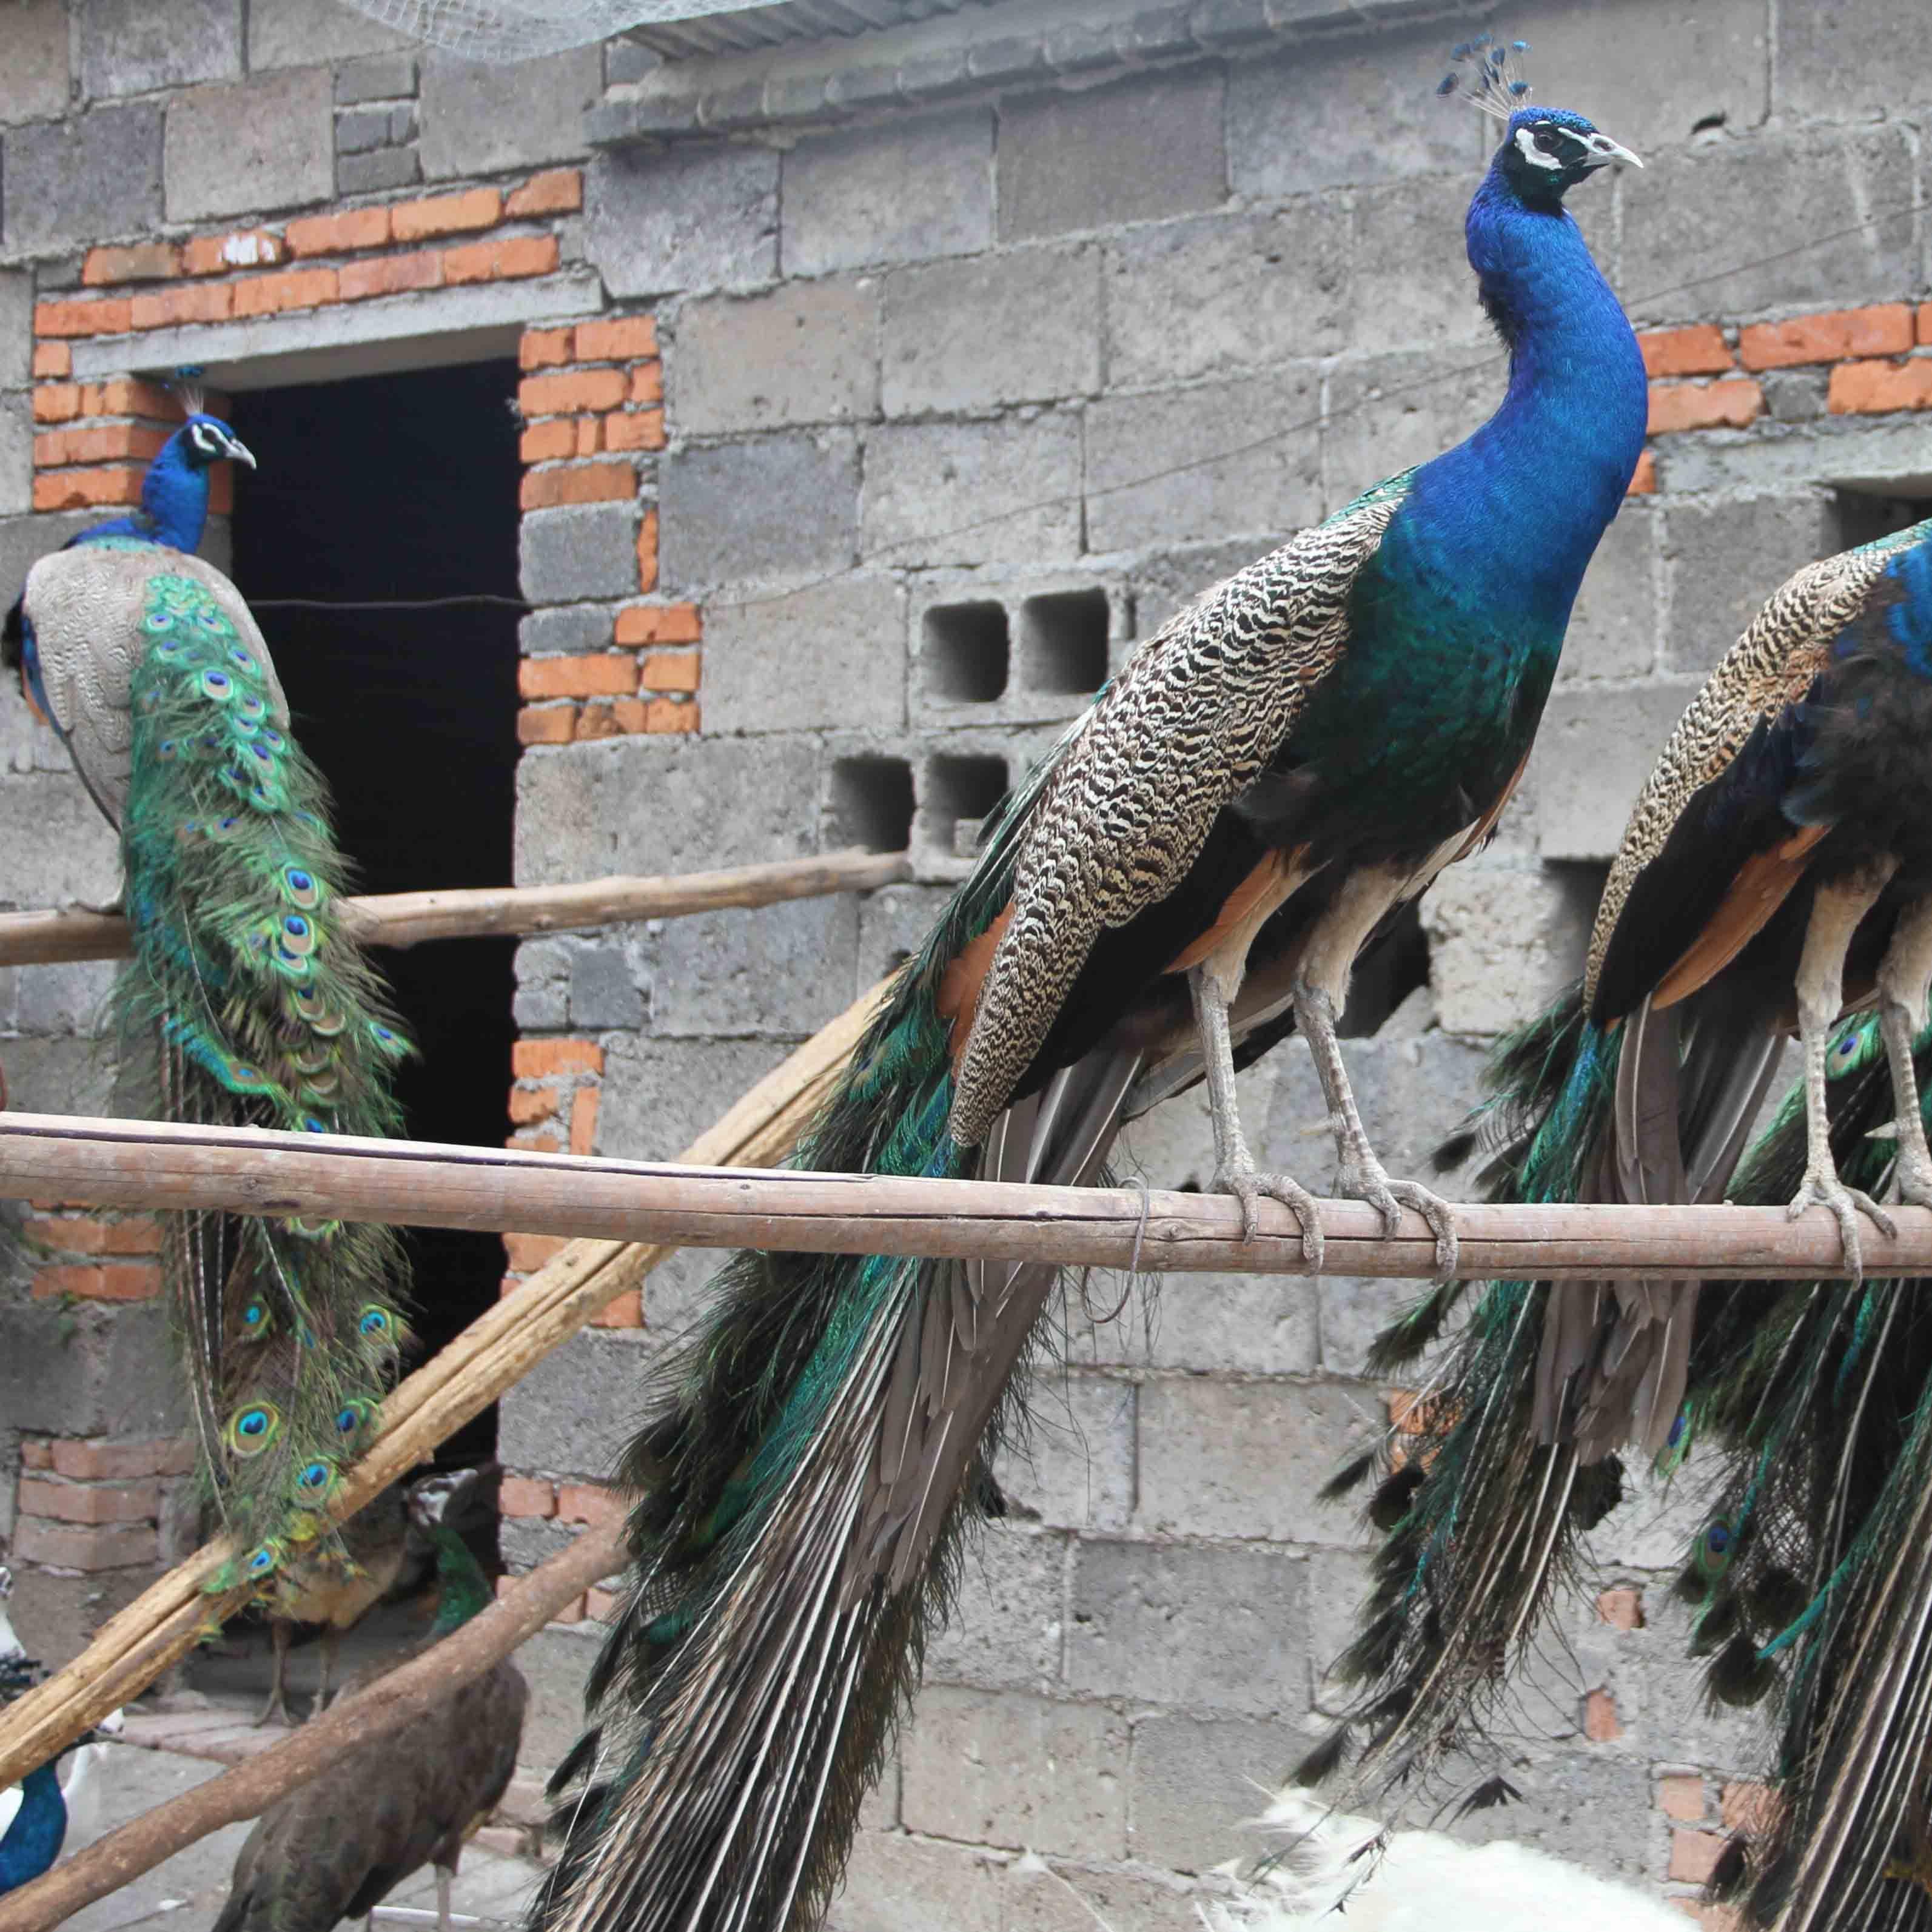 孔雀孔雀养殖技术孔雀防疫技术供应